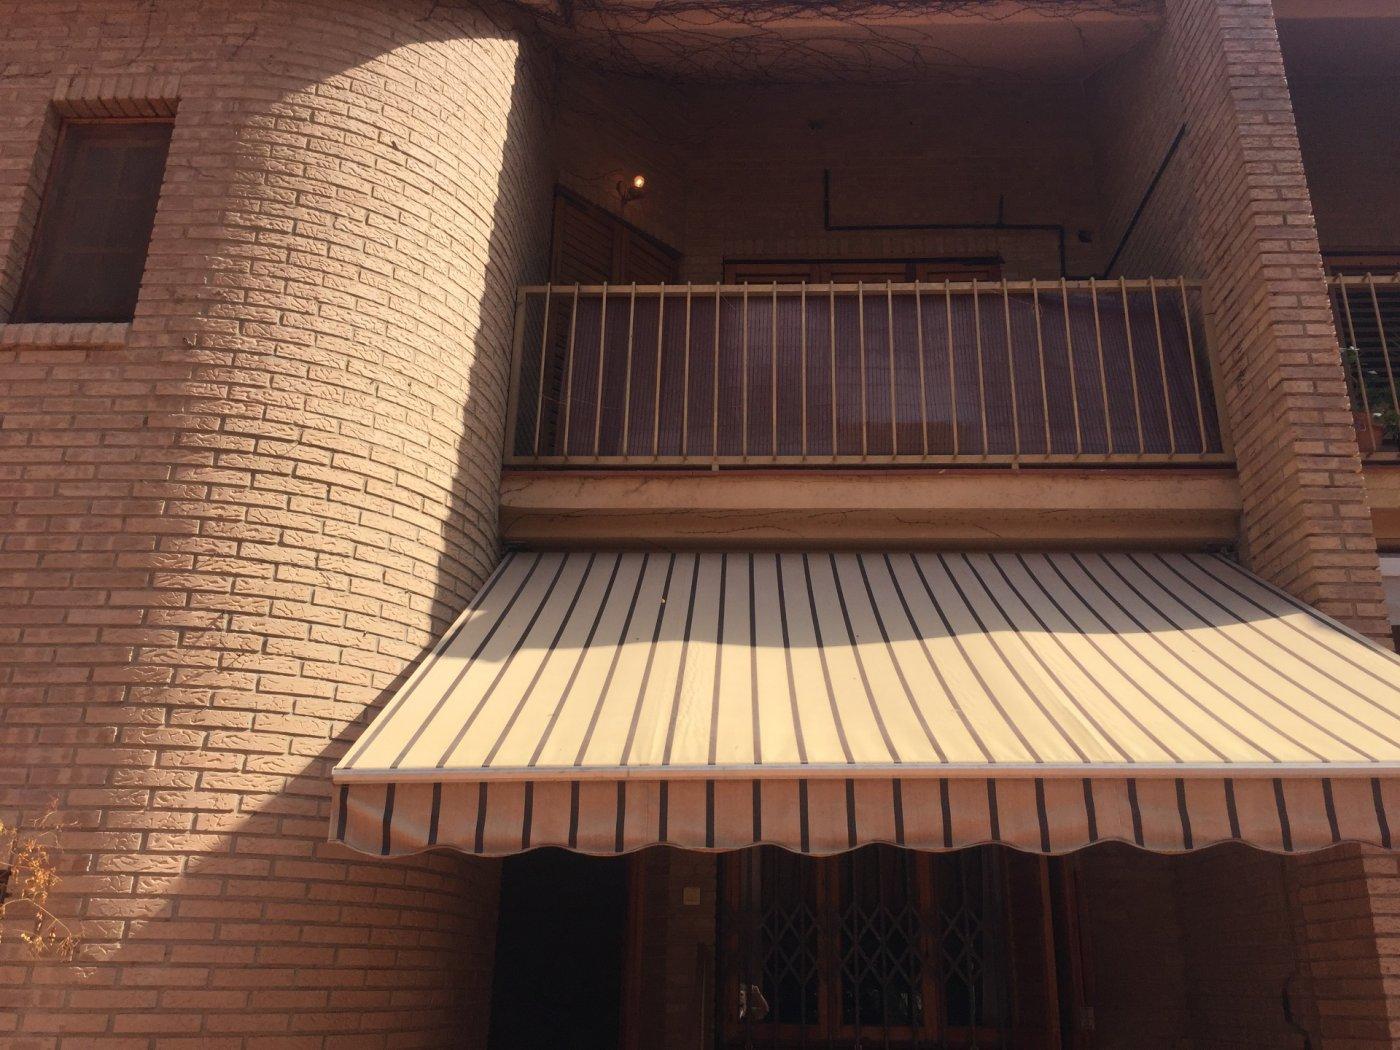 Casa adosado en alfahuir - imagenInmueble4